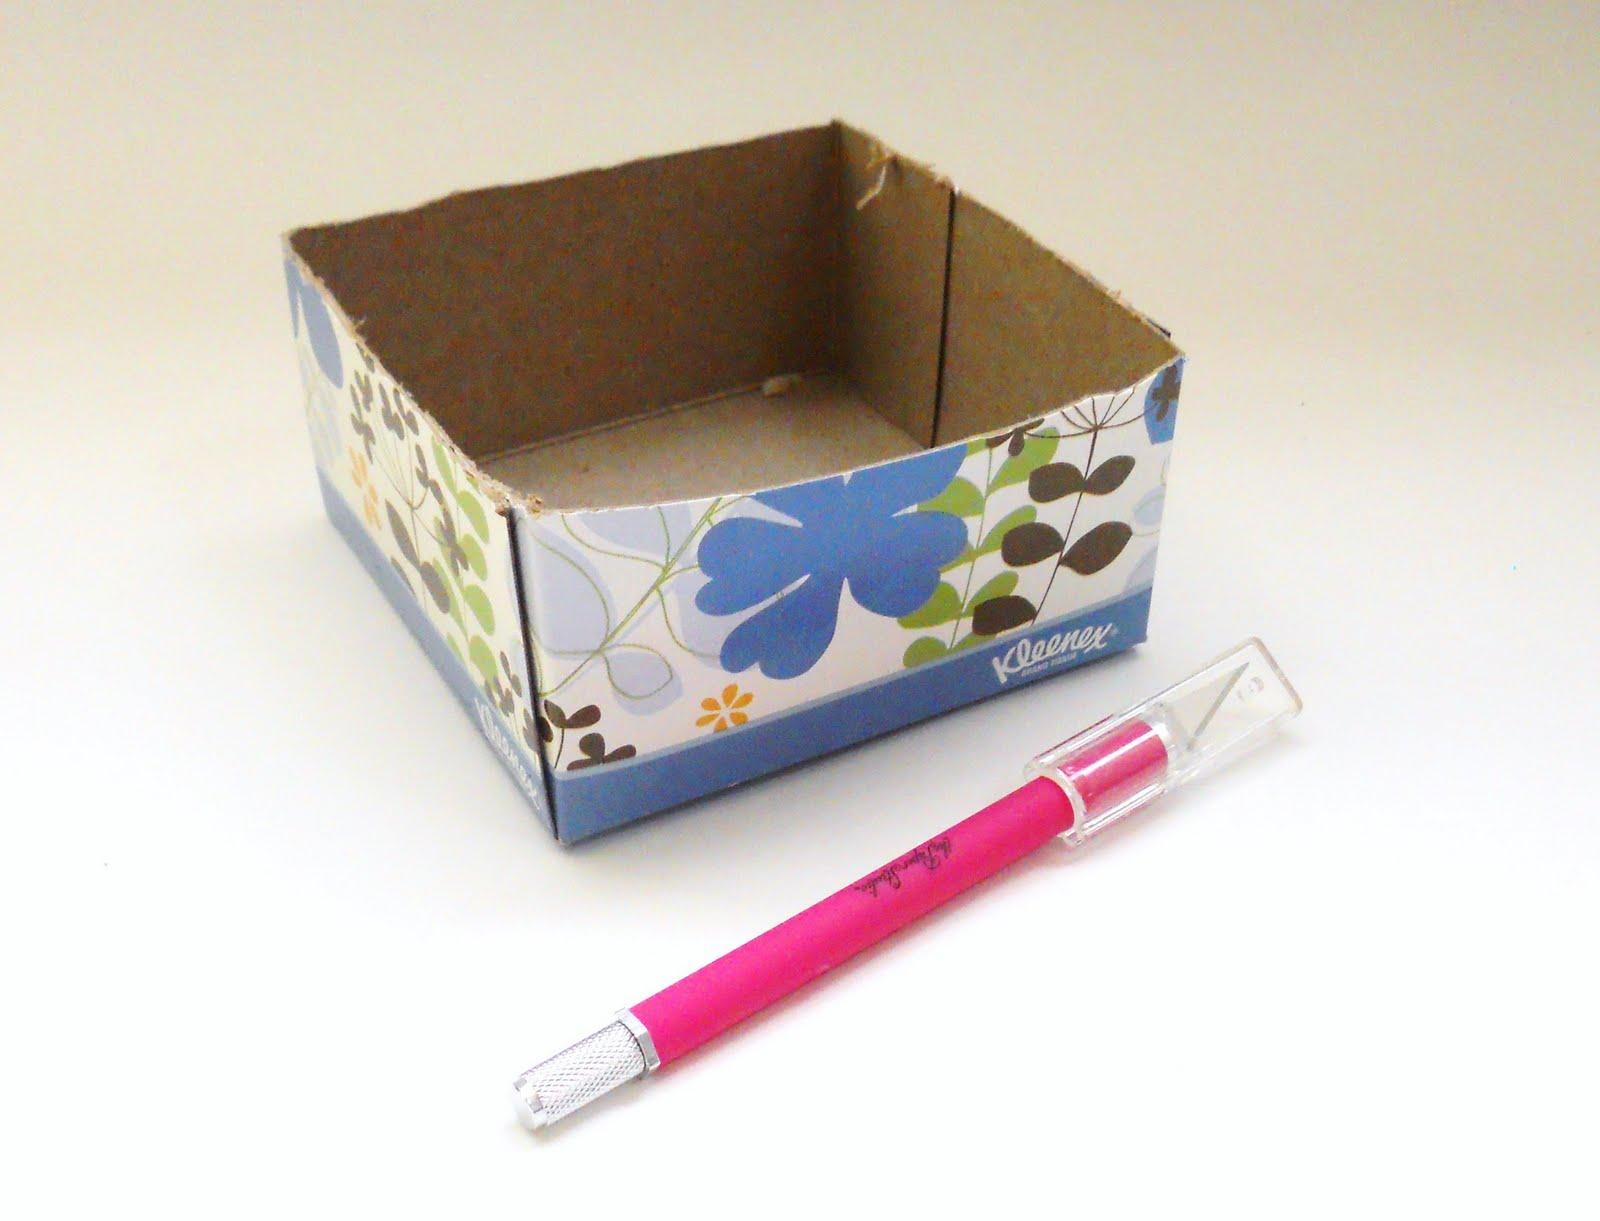 kleenex gift box